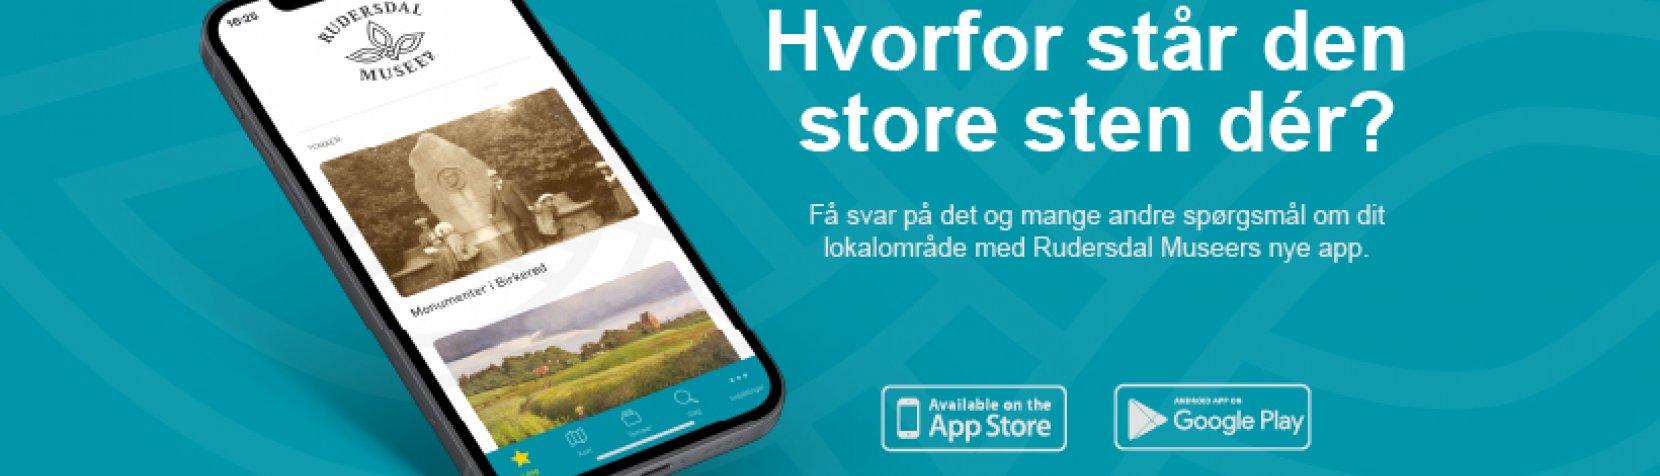 Billede af mobiltelefon med museets app